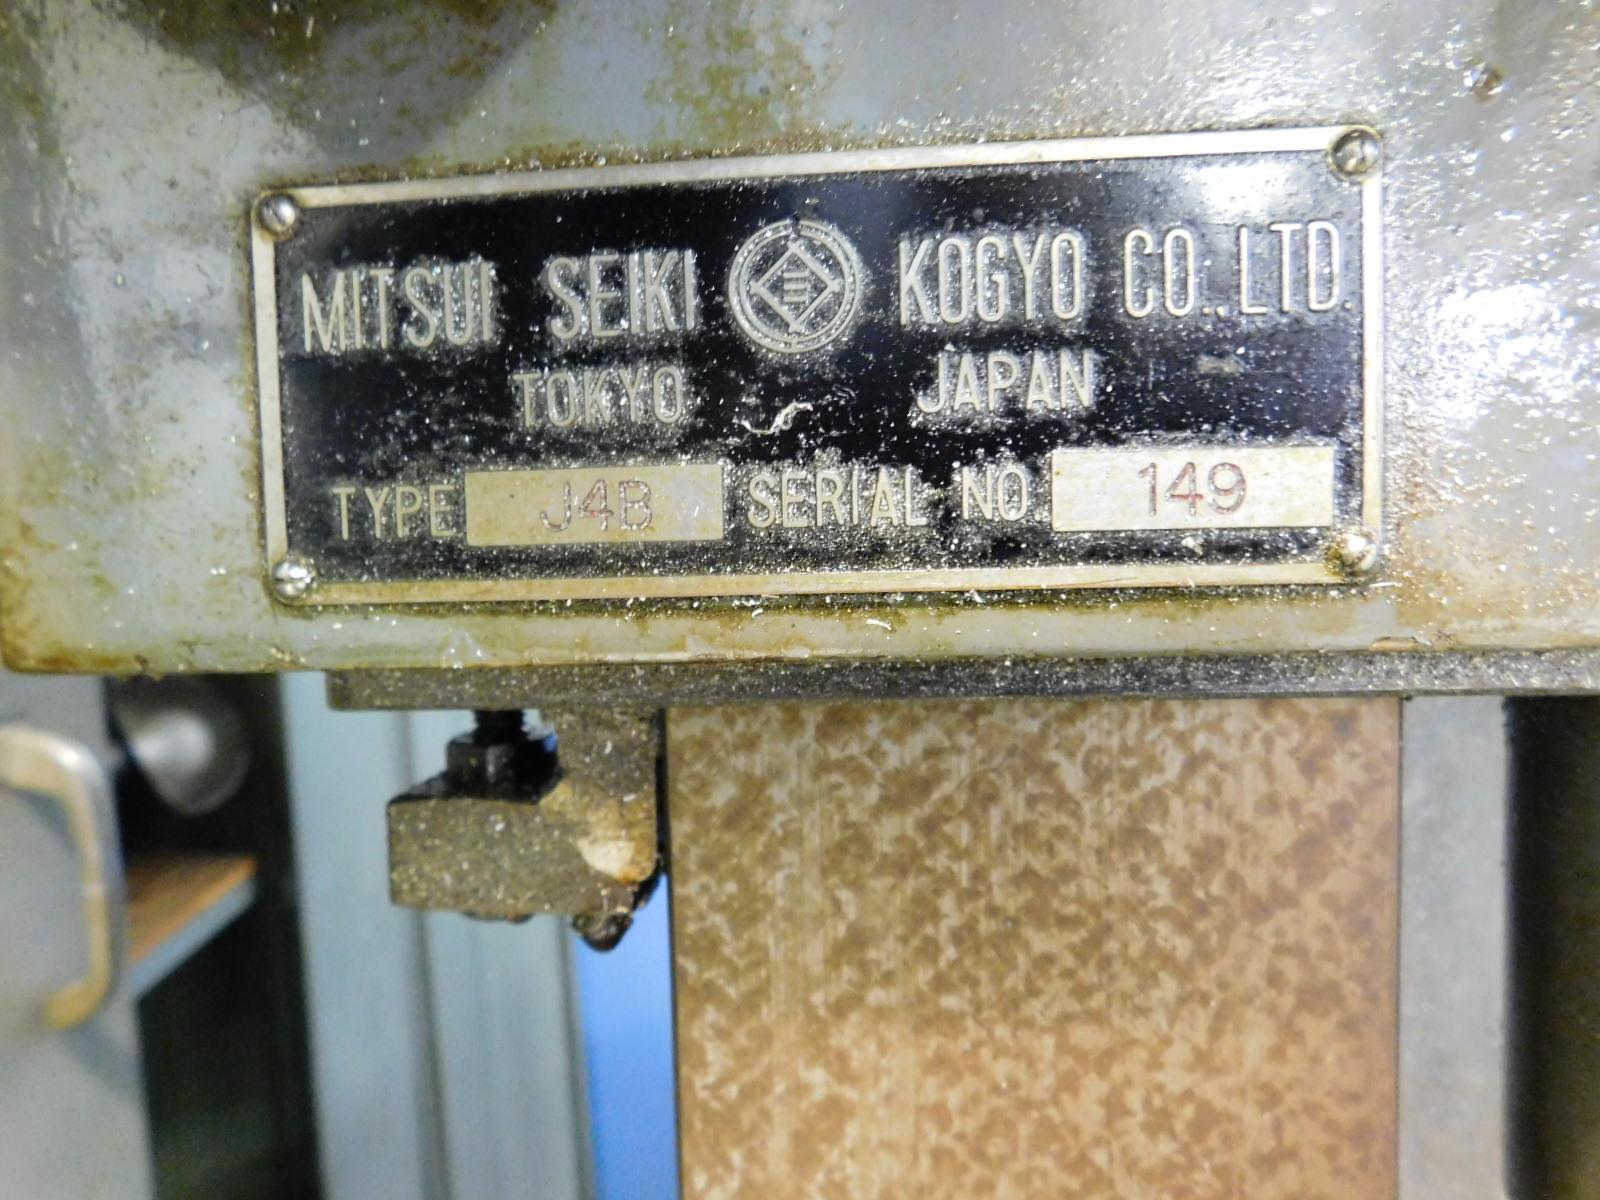 Lot 18 - MITSUI SEIKI JIG MILL, MODEL J4B, S/N 149